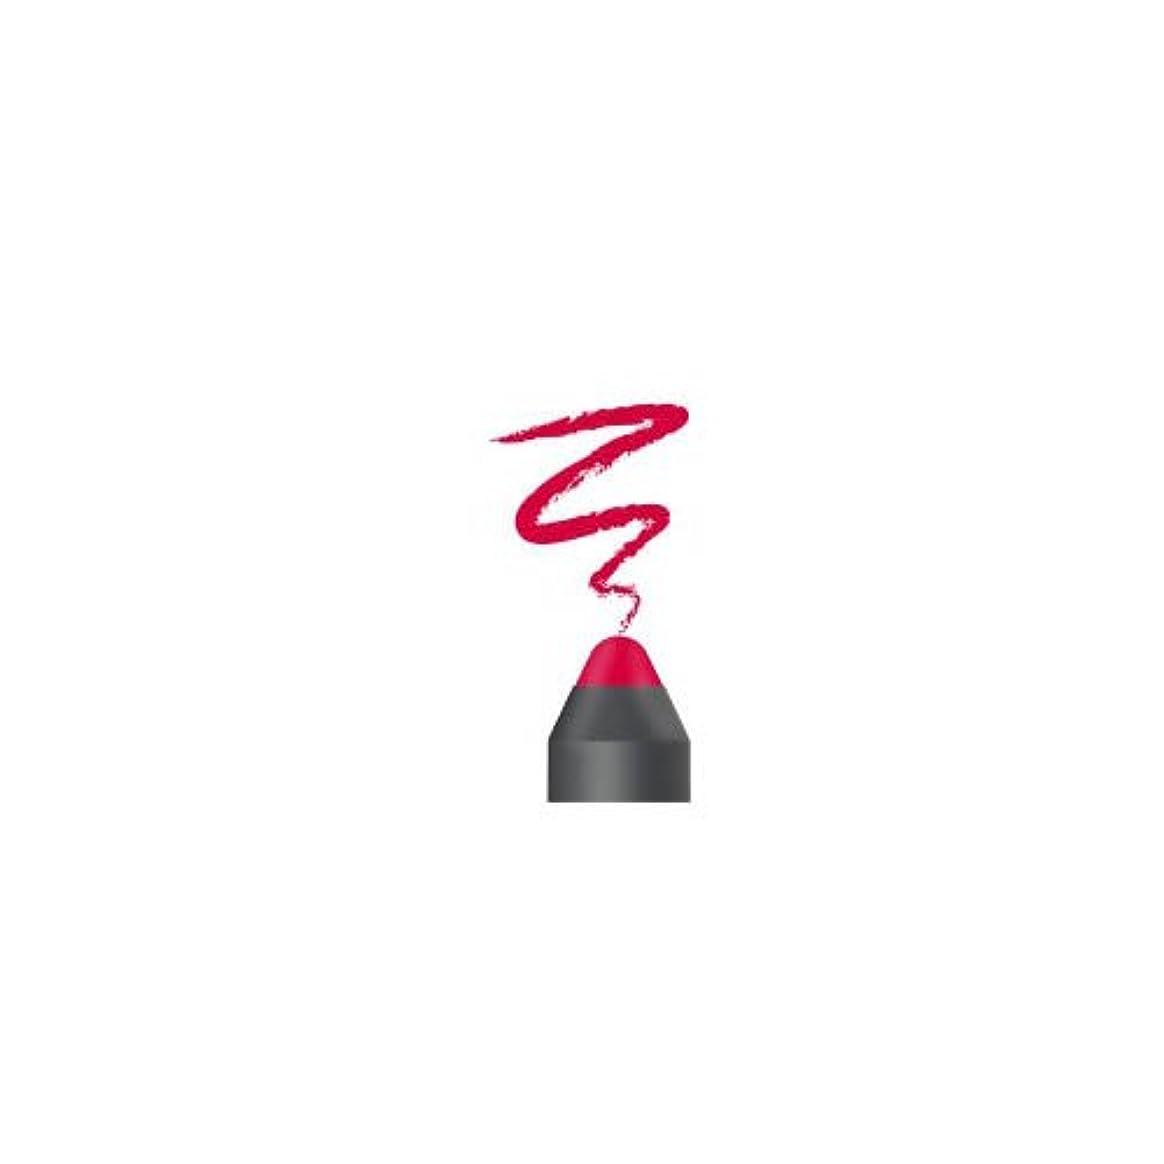 ザフェイスショップ [韓国コスメ THE FACE SHOP] メルティング カラー リップ クリーマー 08 Red Nouveau [海外直送品][並行輸入品]